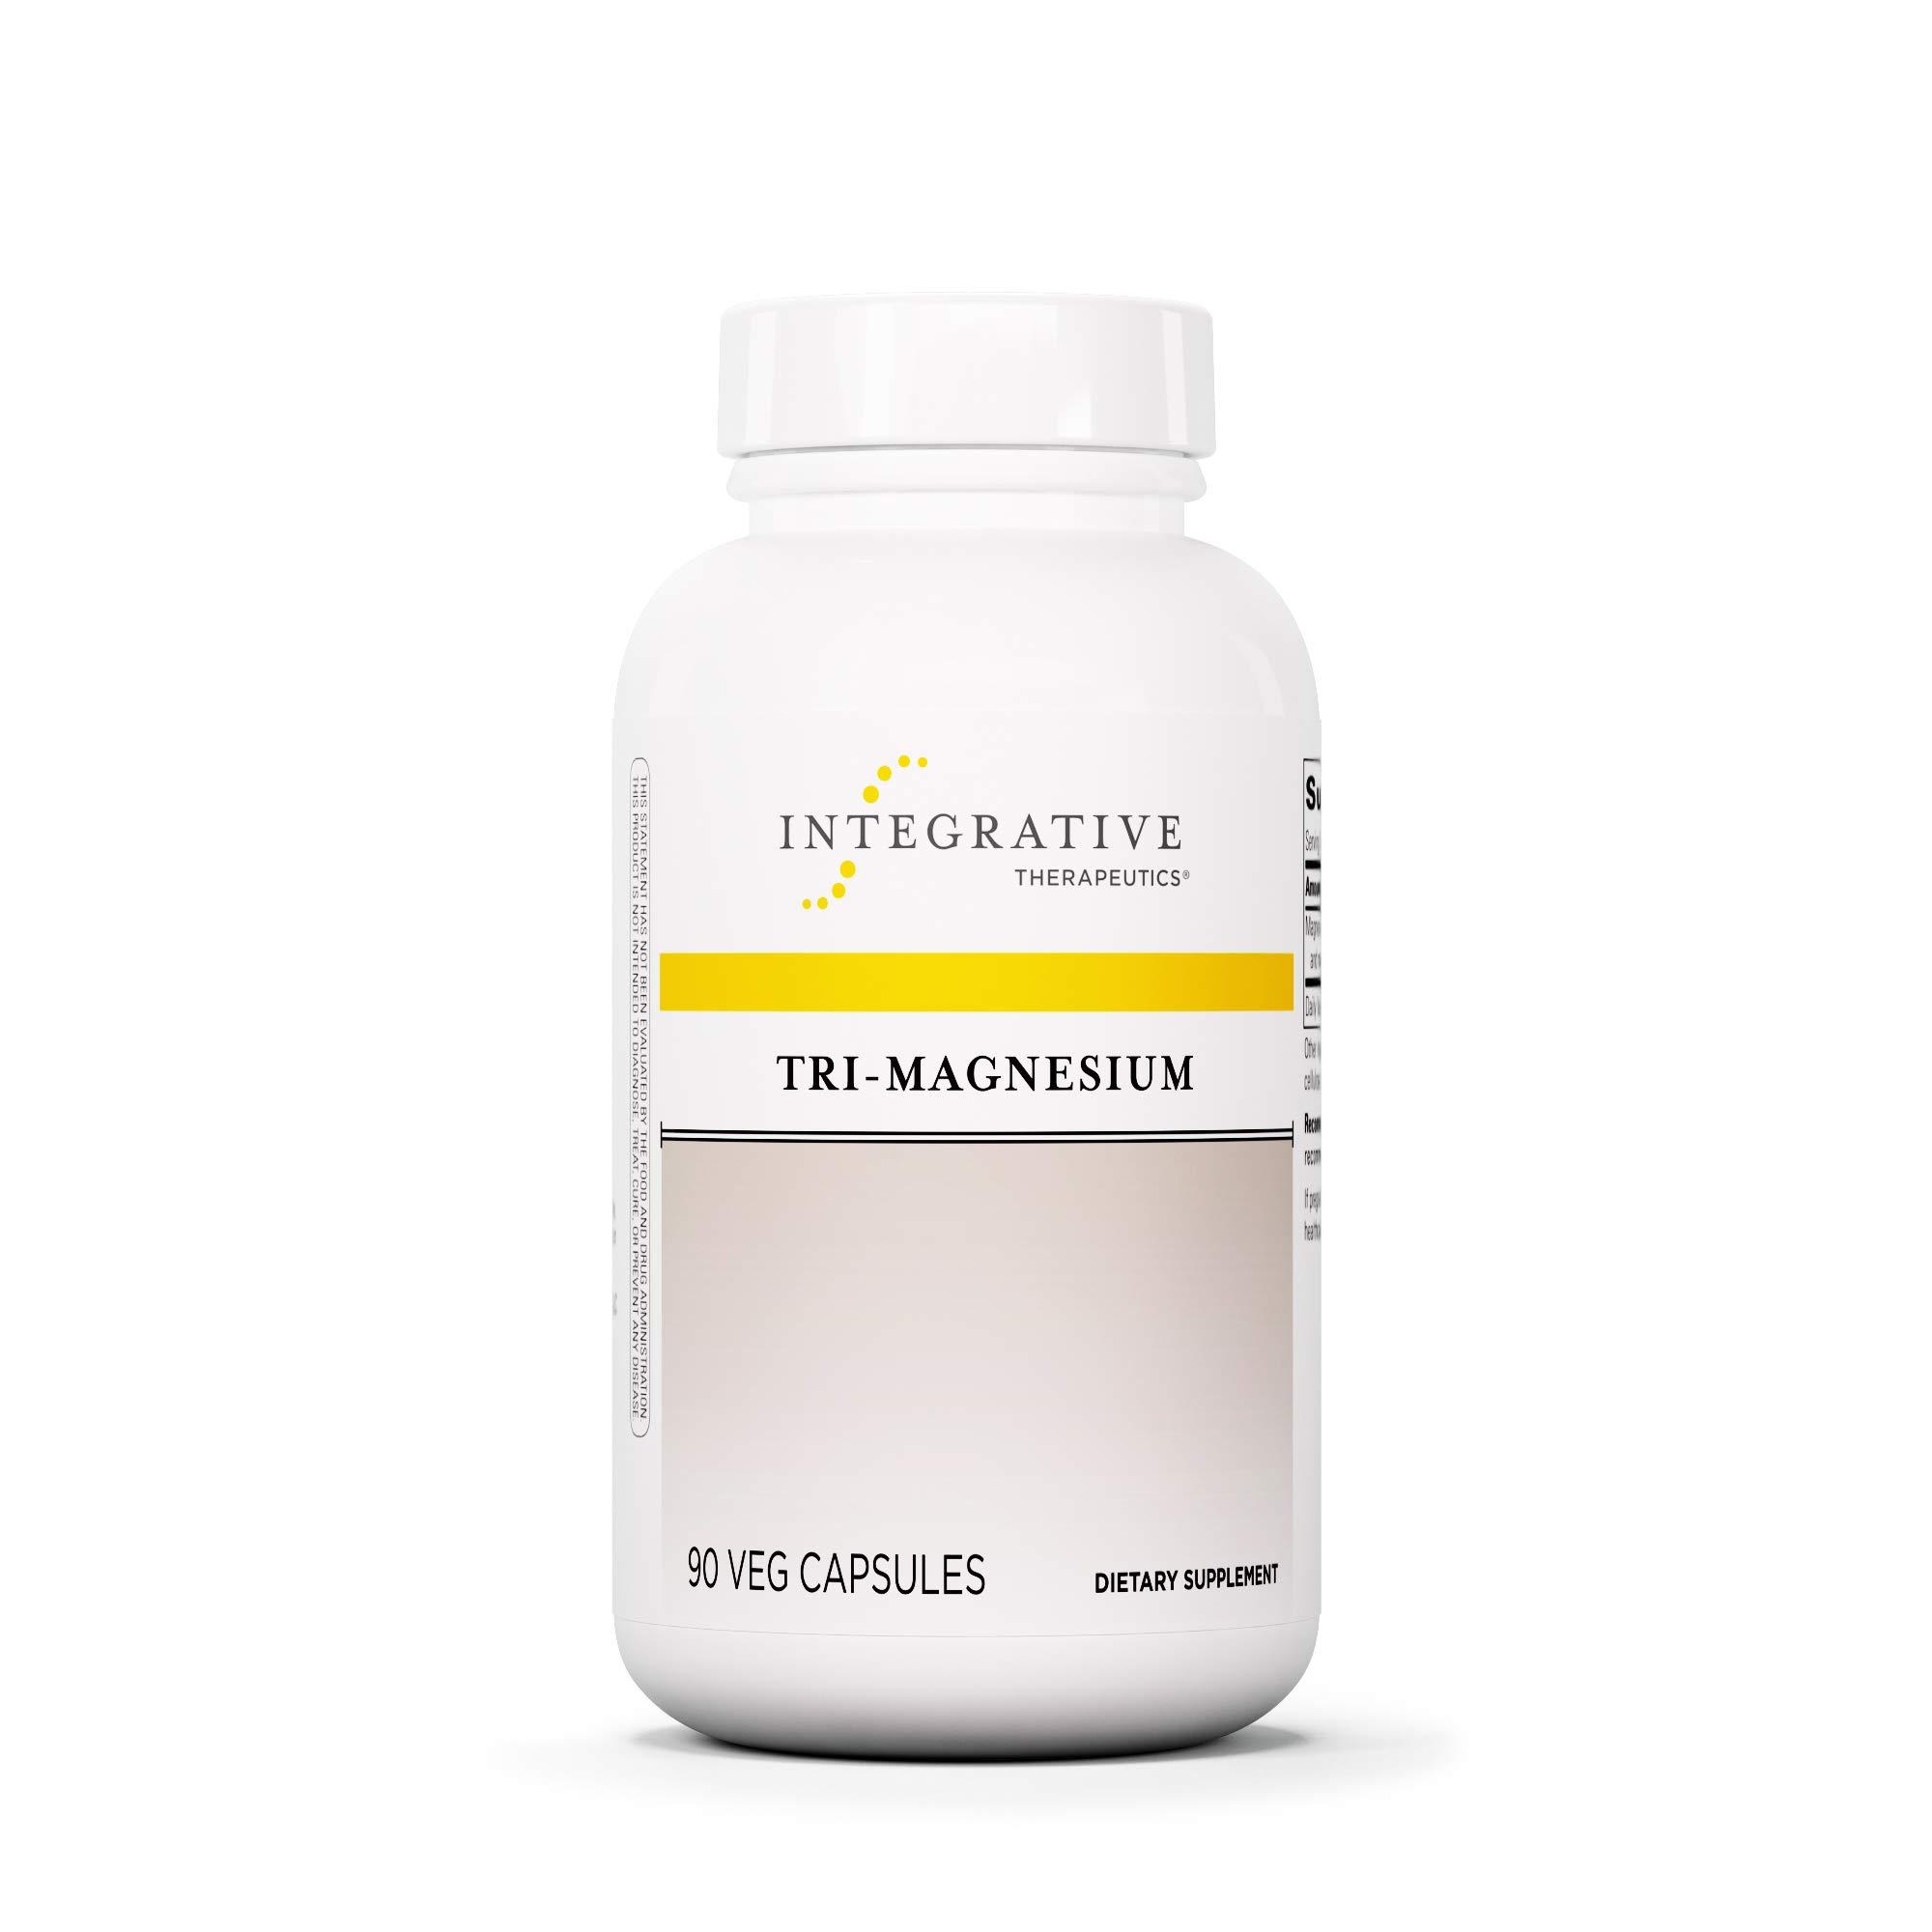 Integrative Therapeutics - Tri-Magnesium - Well Tolerated Elemental Magnesium including Magnesium Citrate and Magnesium